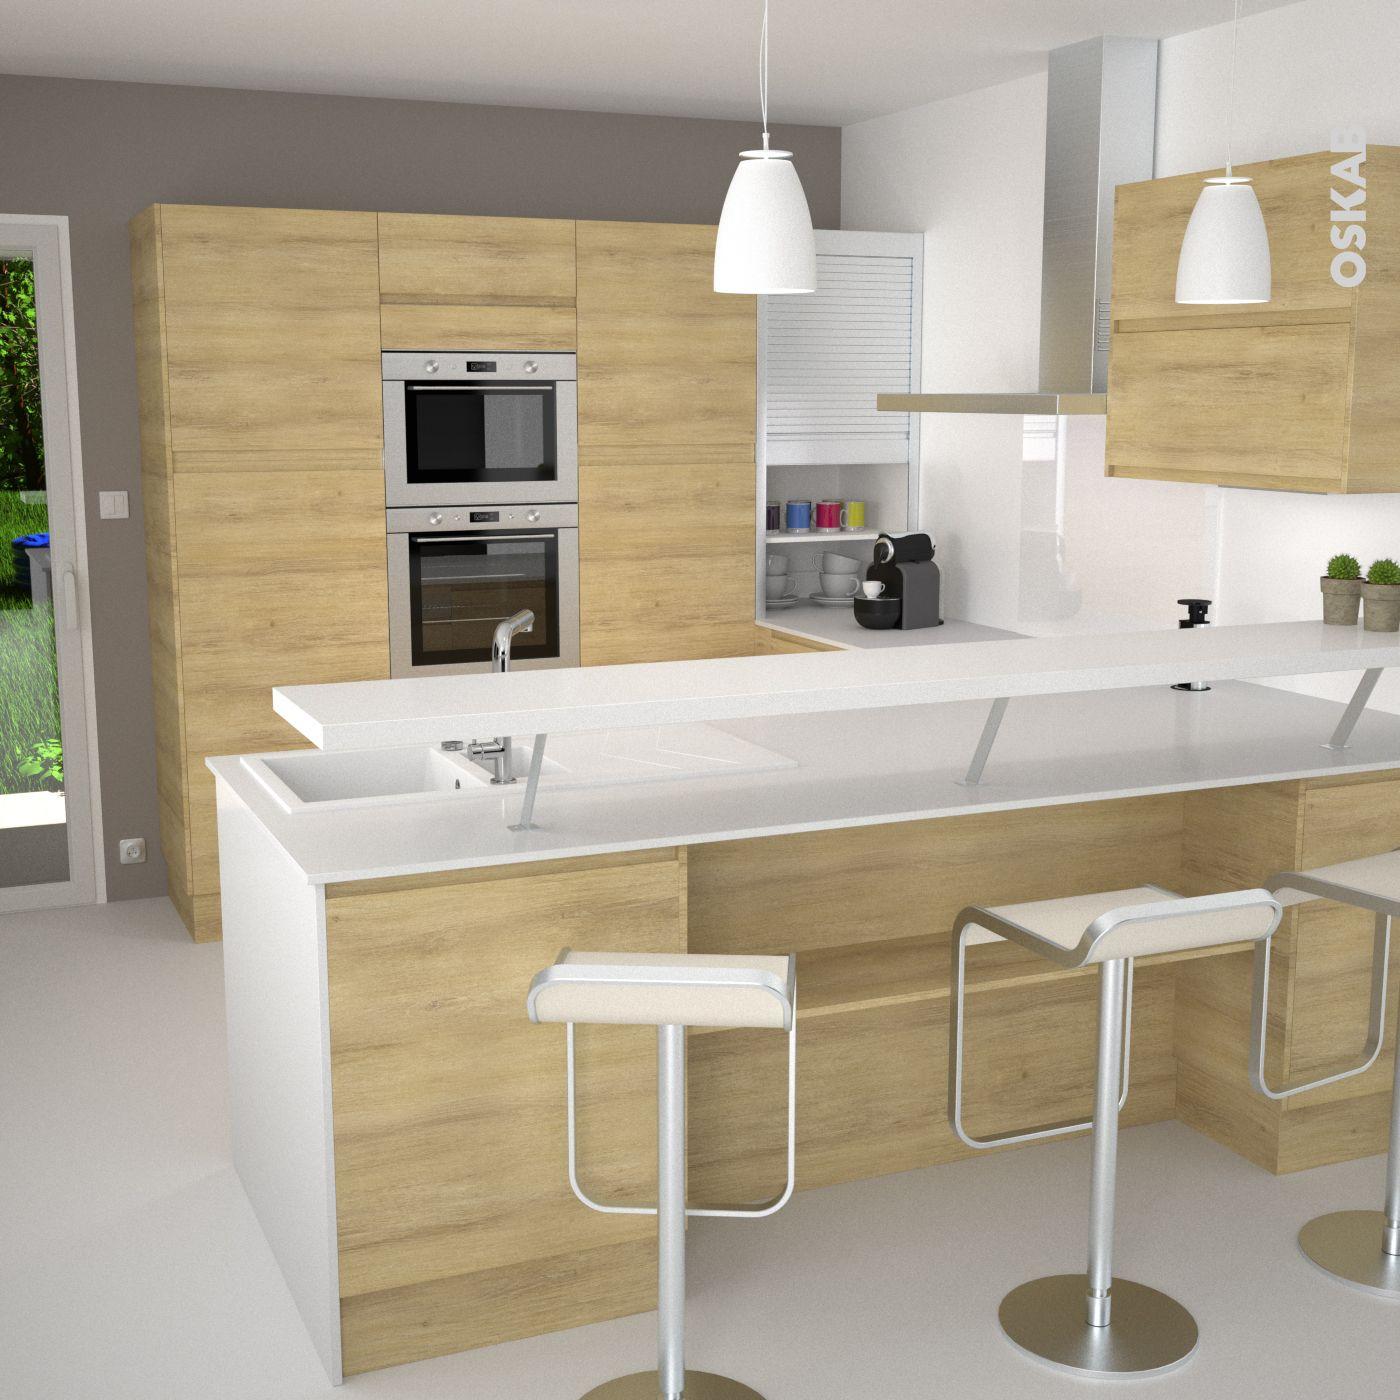 Cuisine nordique blanche et bois pur e mod le design sans poign e implanta - Implantation cuisine en u ...